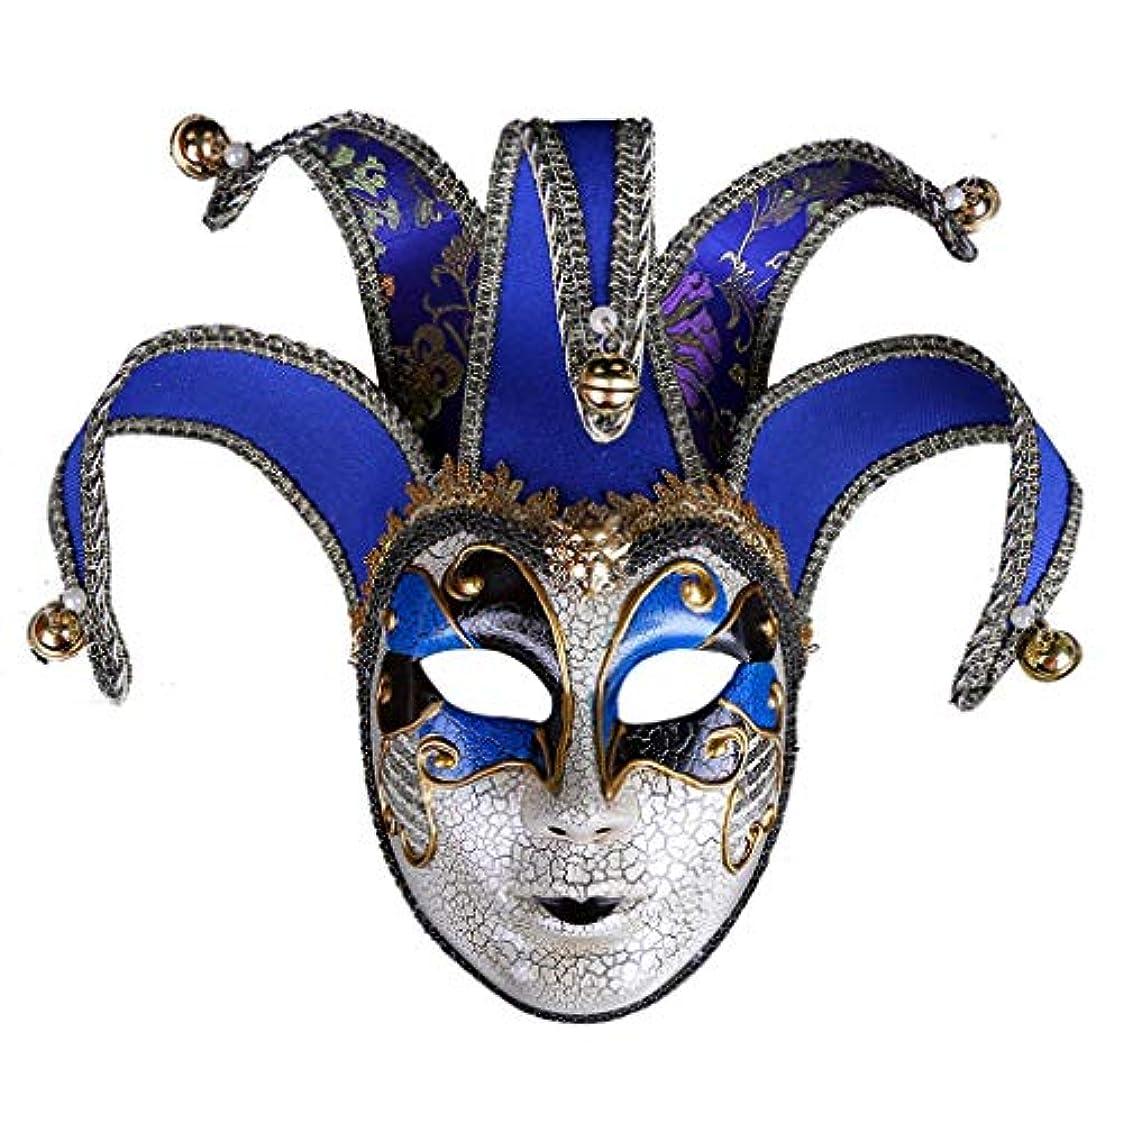 観察する熱心な鮮やかなハロウィンマスクヴィンテージマスク女性のアダルトマスクヴェネツィアフェスティバルプロップフェイスデコレーション仮装クリエイティブマスク (Color : BLACK)